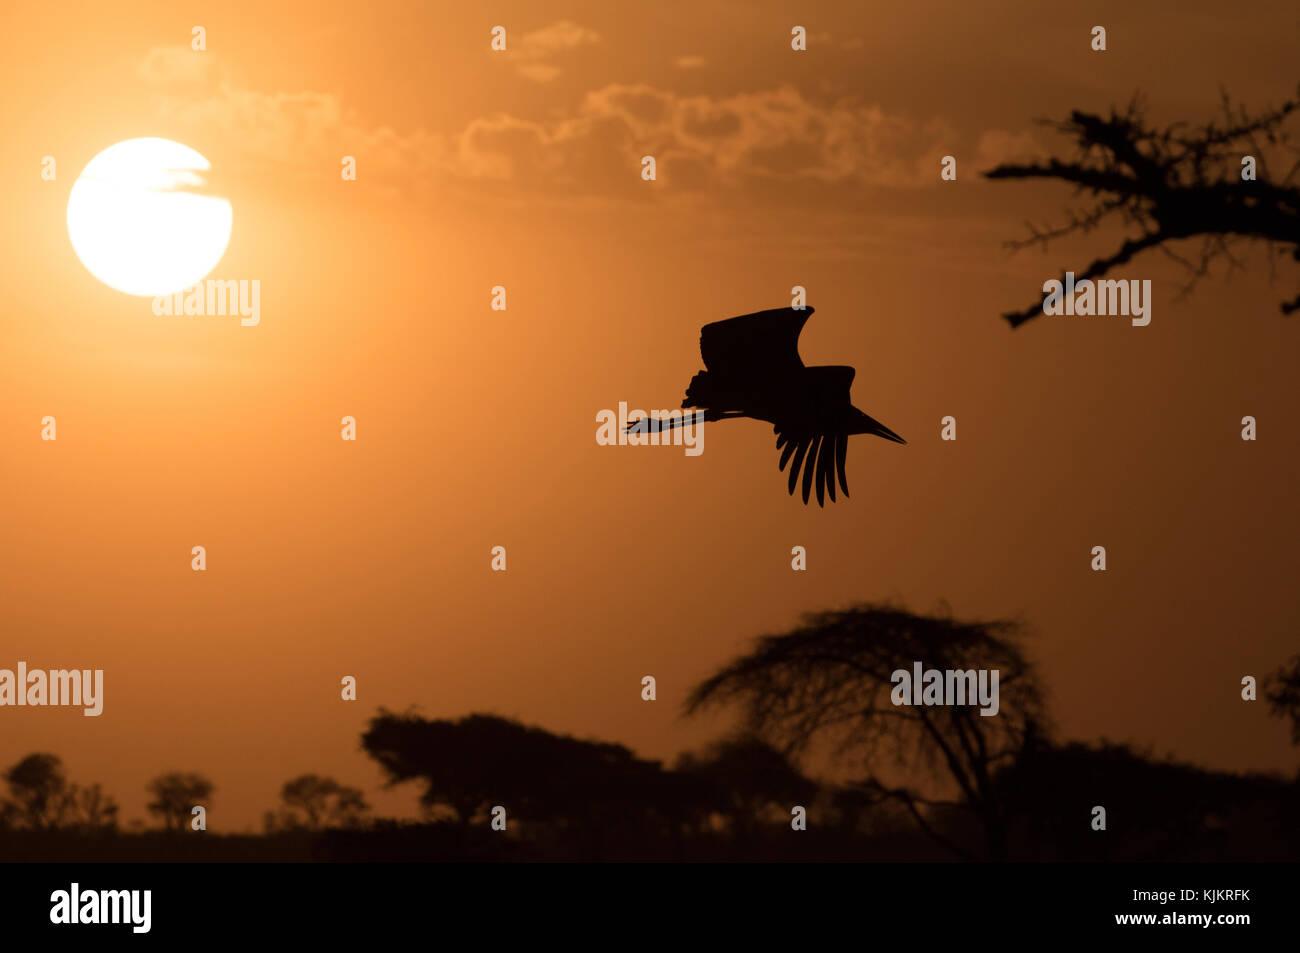 Serengeti National Park. Egyptian Gooses (Alopochen aegyptiacus). A Marabou Stork ( Leptoptilos crumeniferus) in - Stock Image